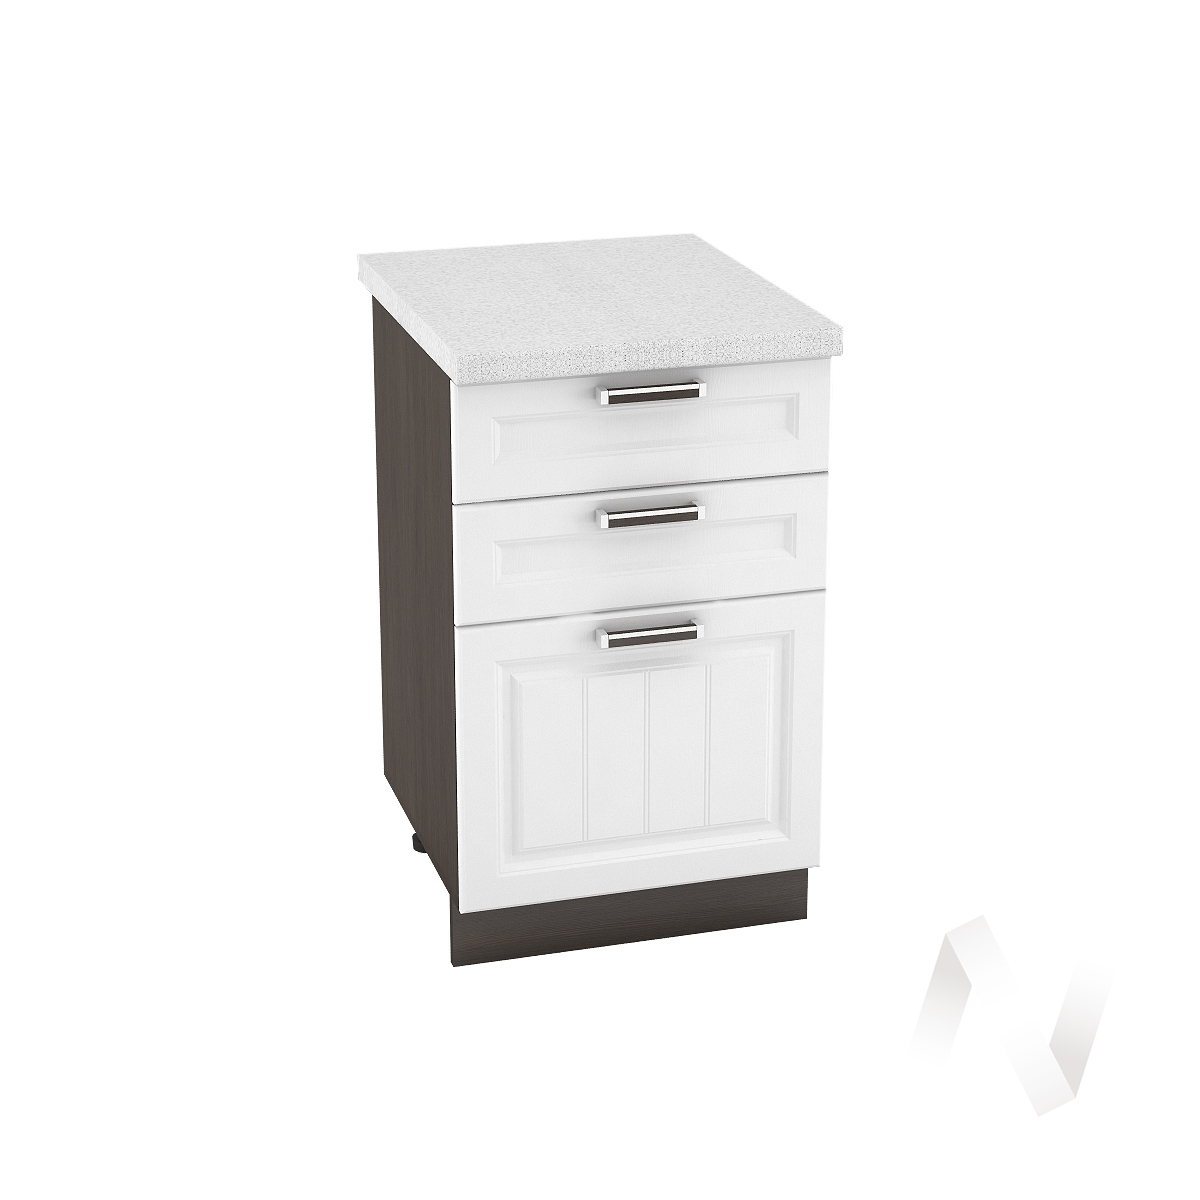 """Кухня """"Прага"""": Шкаф нижний с 3-мя ящиками 500, ШН3Я 500 (белое дерево/корпус венге)"""